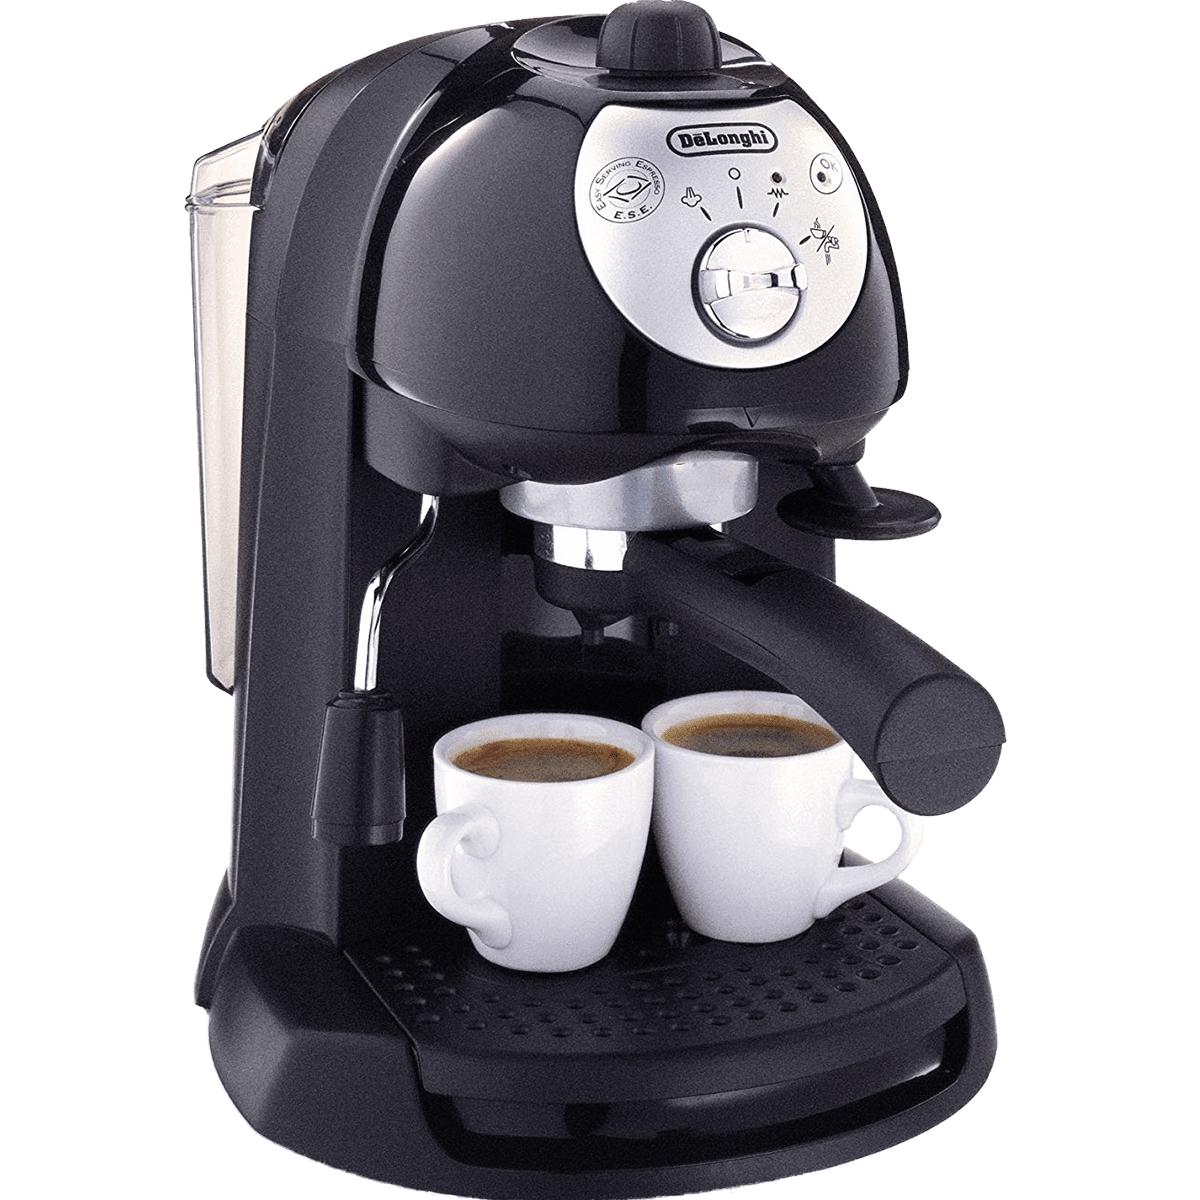 DeLonghi BAR32 Manual Espresso Machine